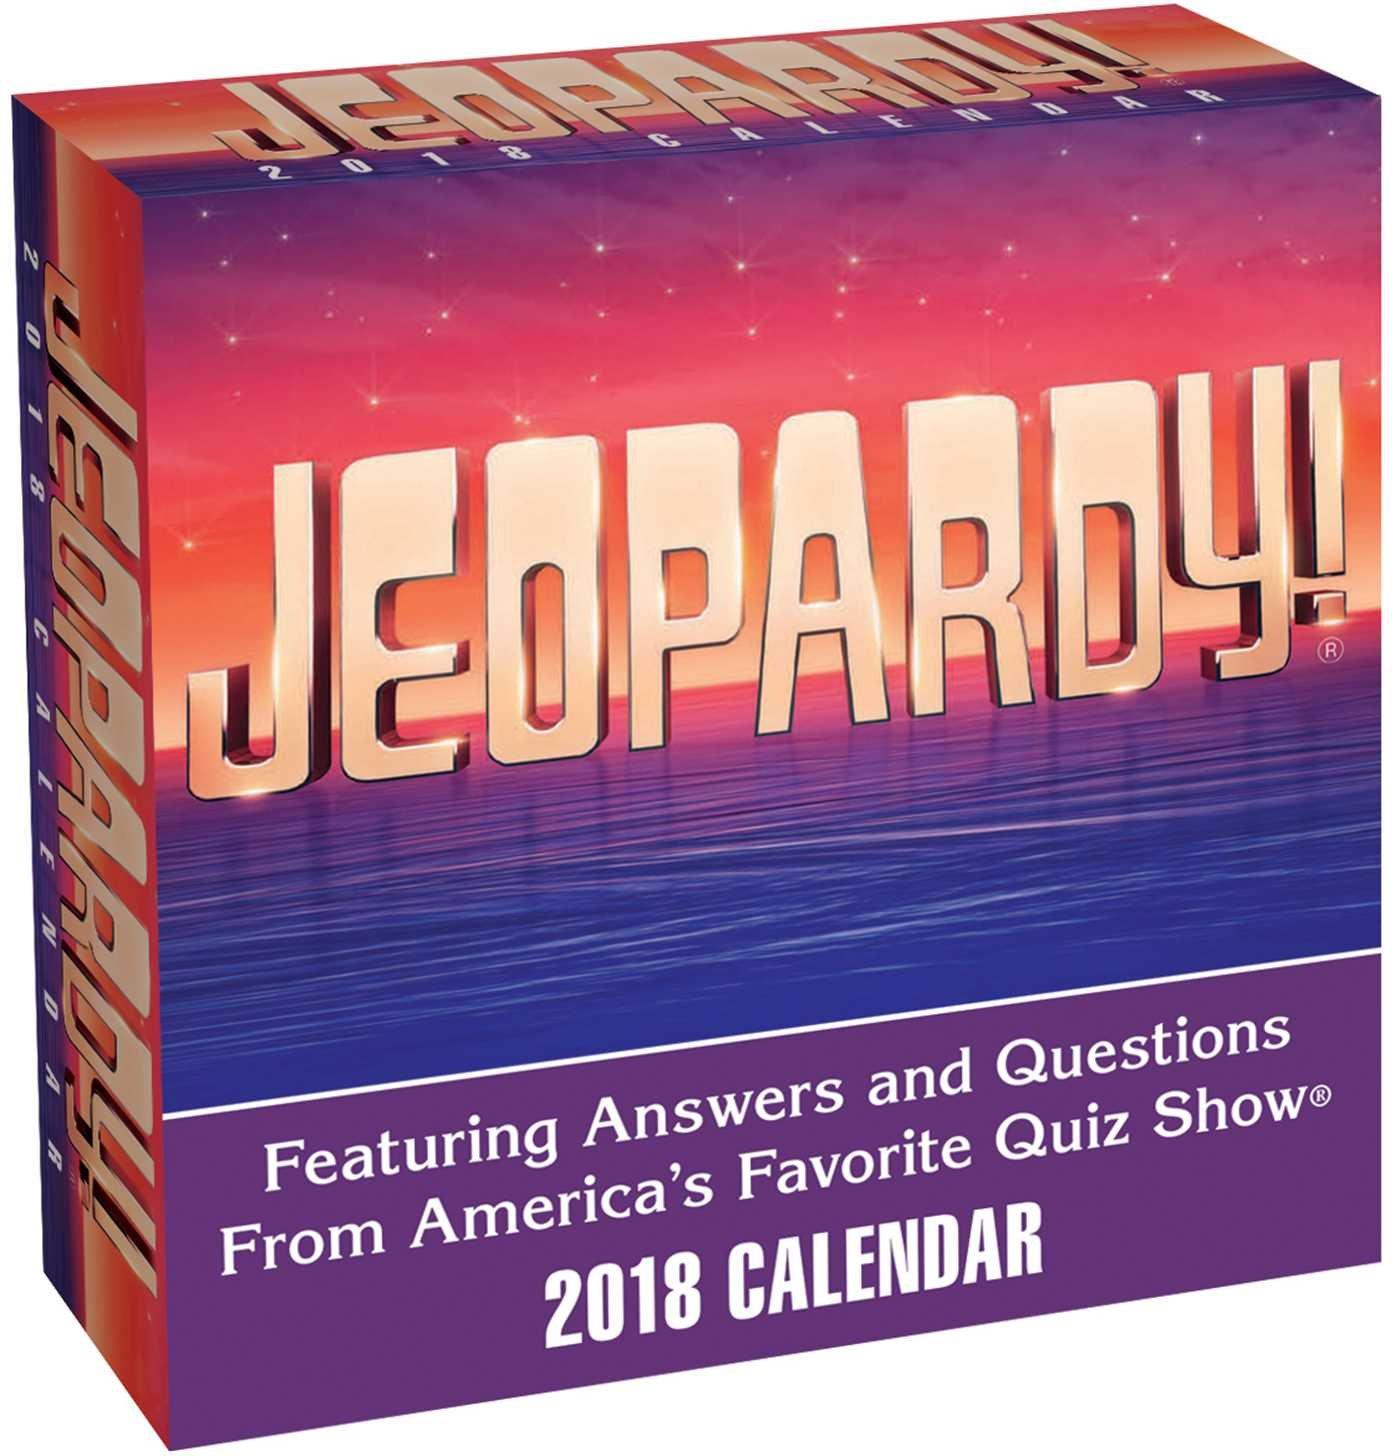 Jeopardy 2018 day to day calendar sony 9781449482497 amazon jeopardy 2018 day to day calendar sony 9781449482497 amazon books fandeluxe Gallery